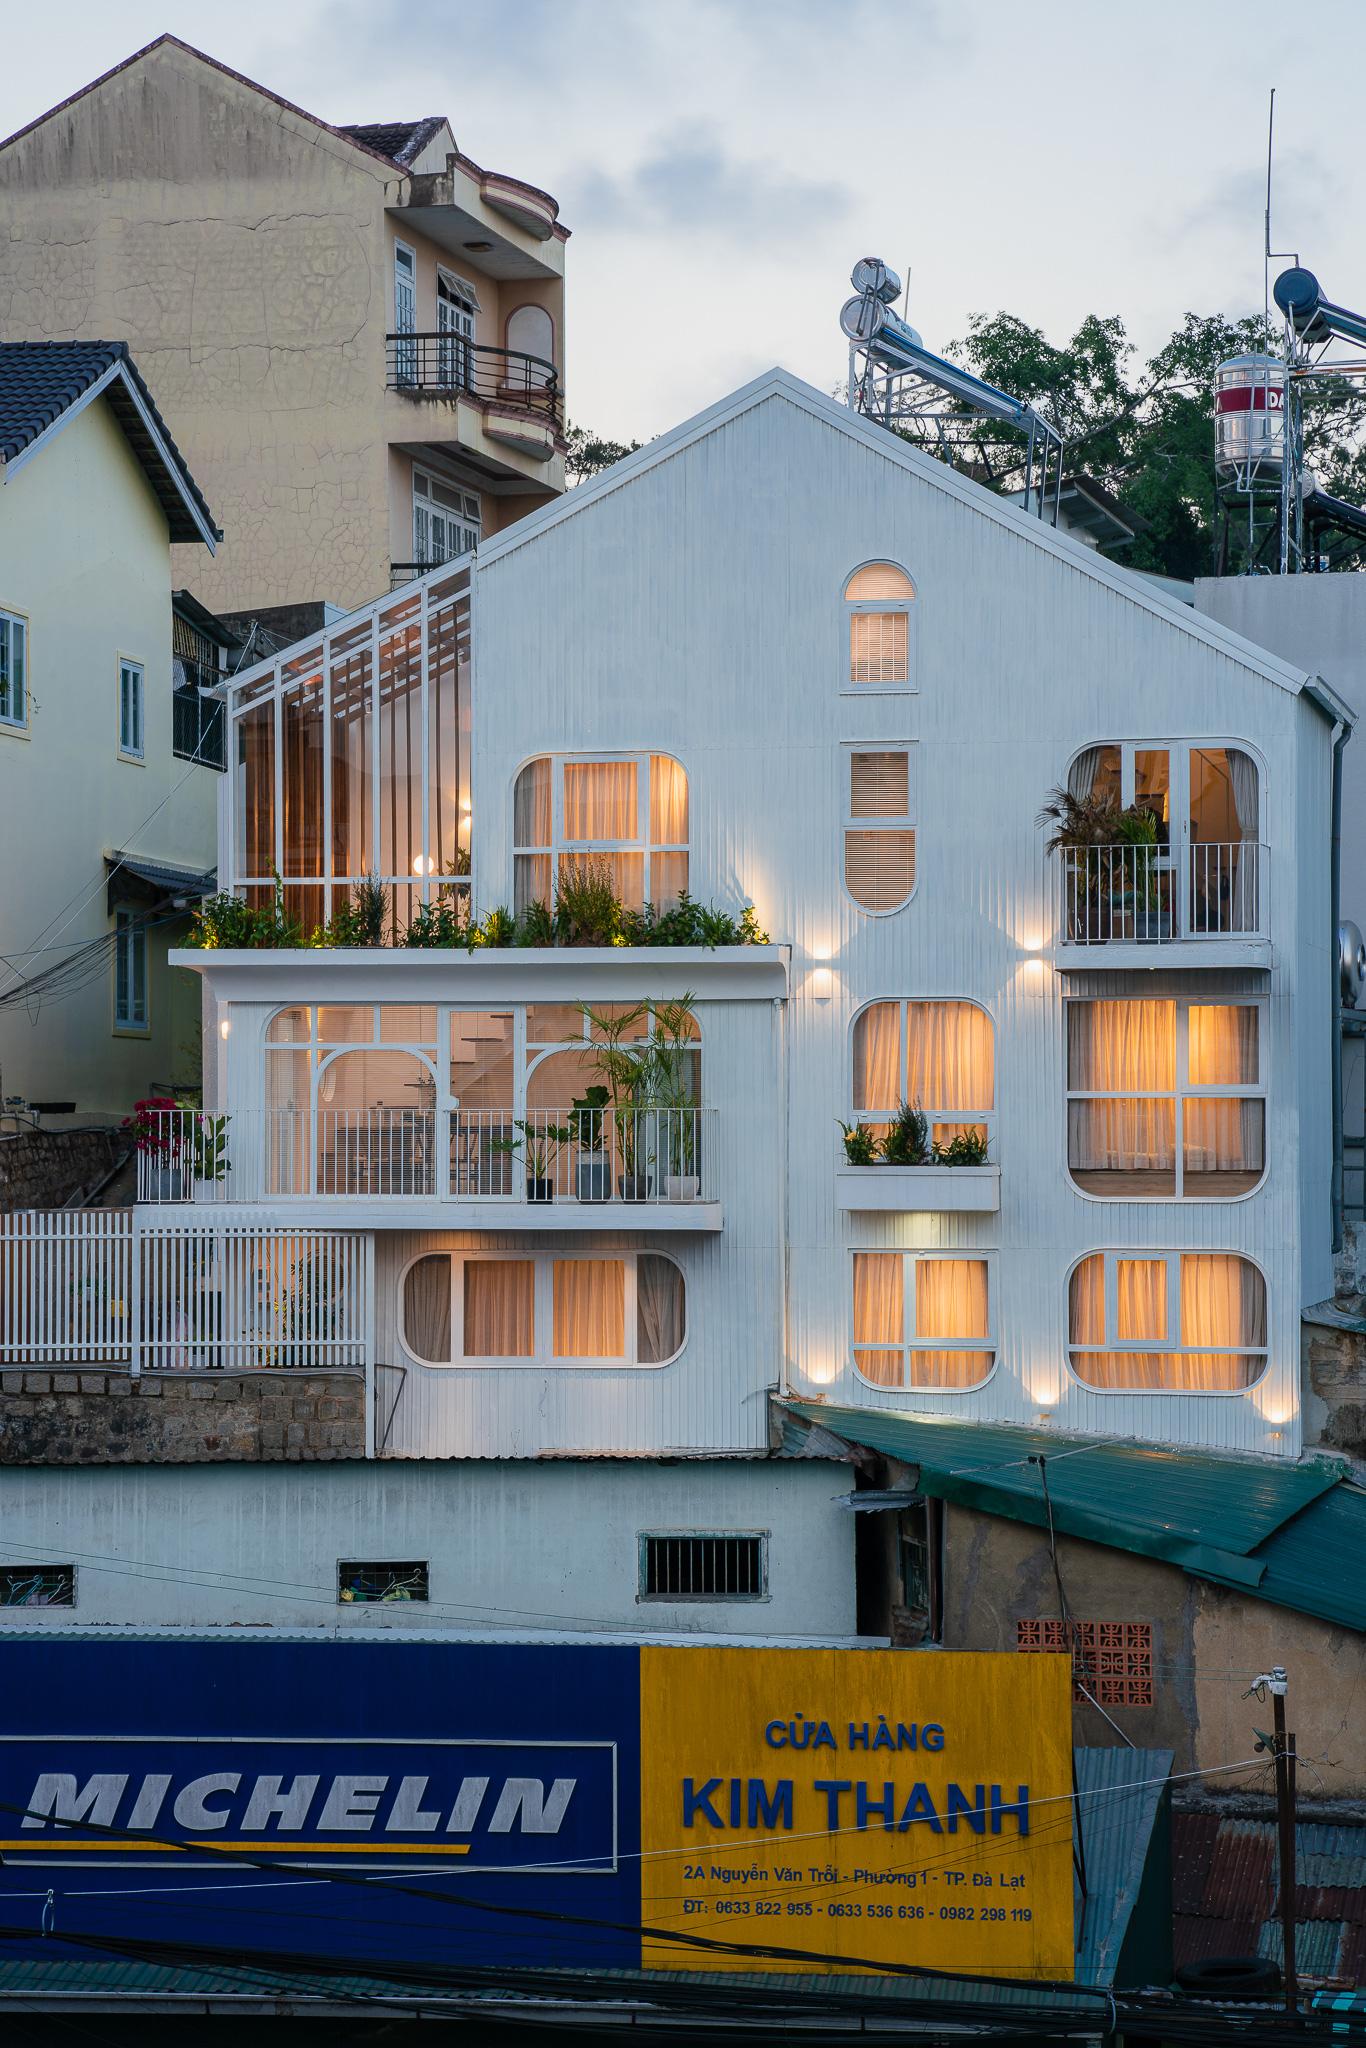 Lên Đà Lạt, cặp vợ chồng Sài Gòn xây ngôi nhà trắng tinh khôi theo phong cách nắng xuyên qua kẽ lá-1